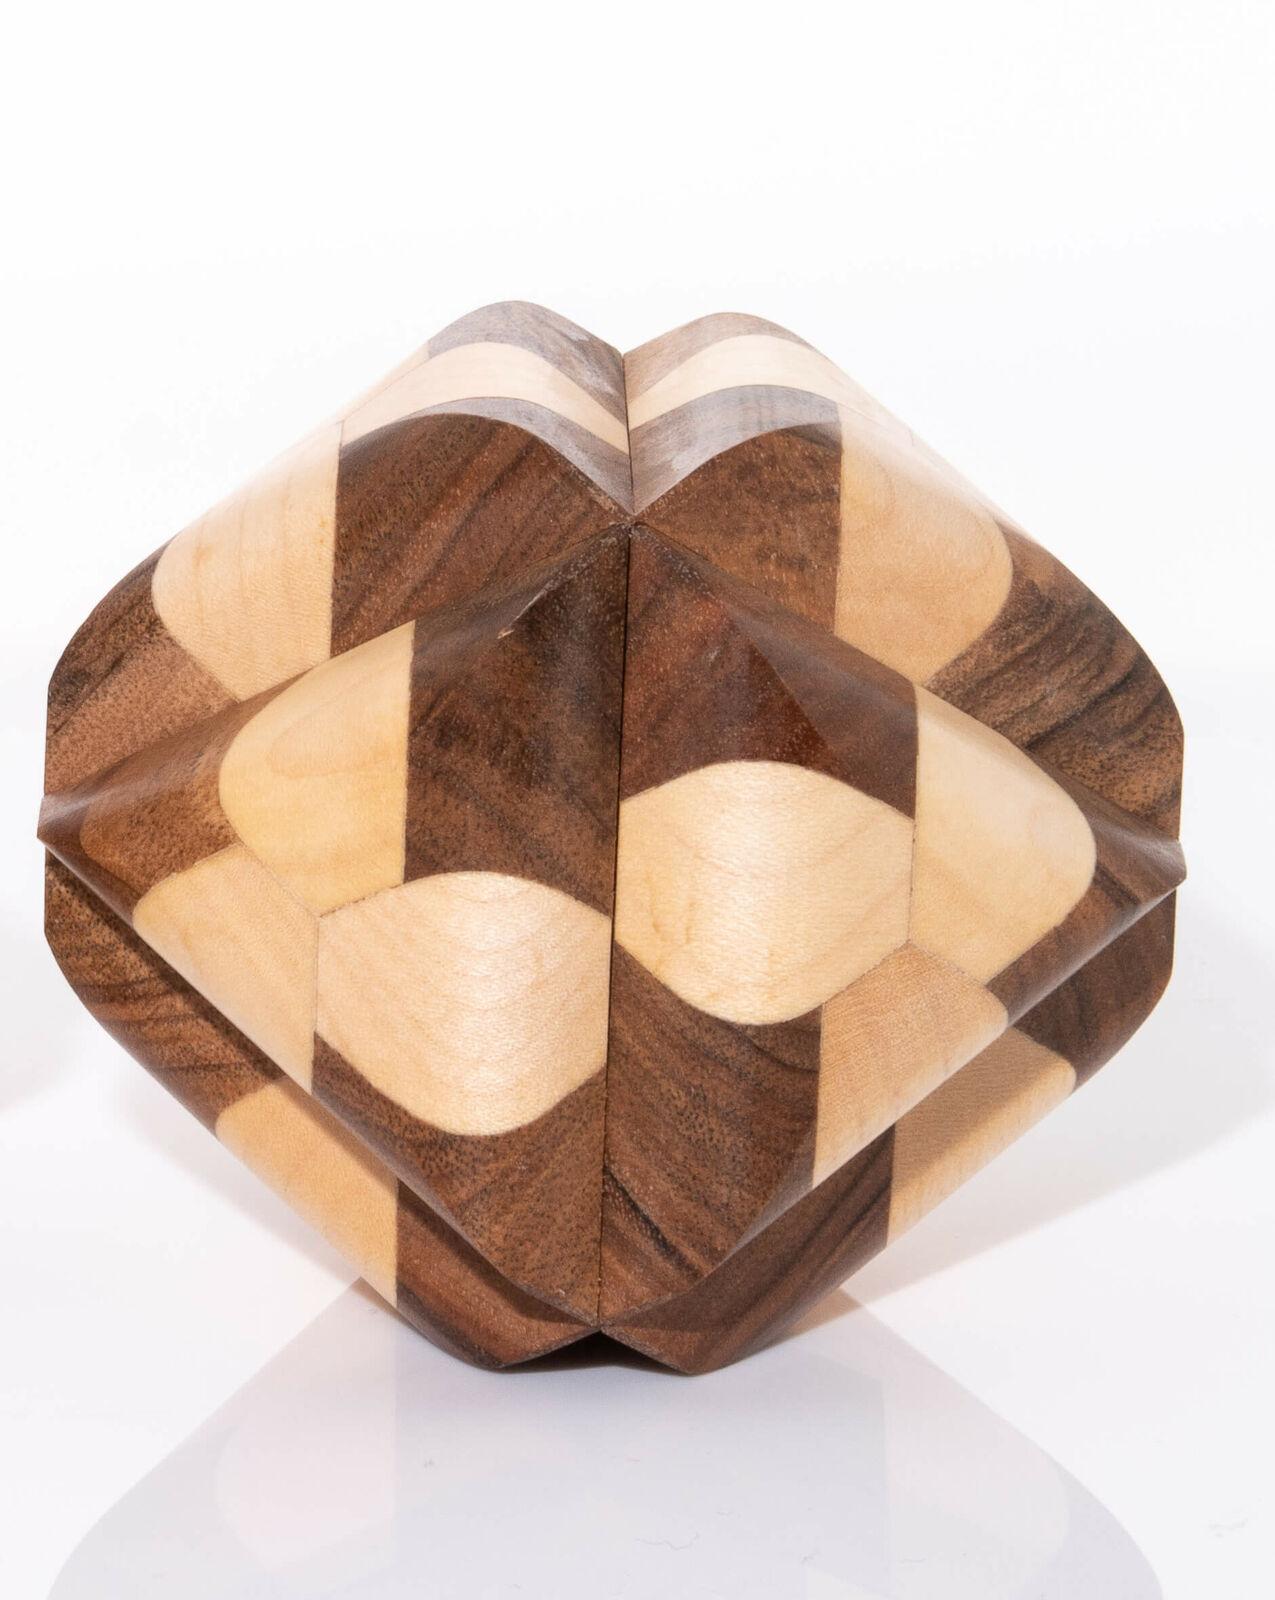 Ocvalhedron Puzzle-habilement faite par Vinco En République Tchèque